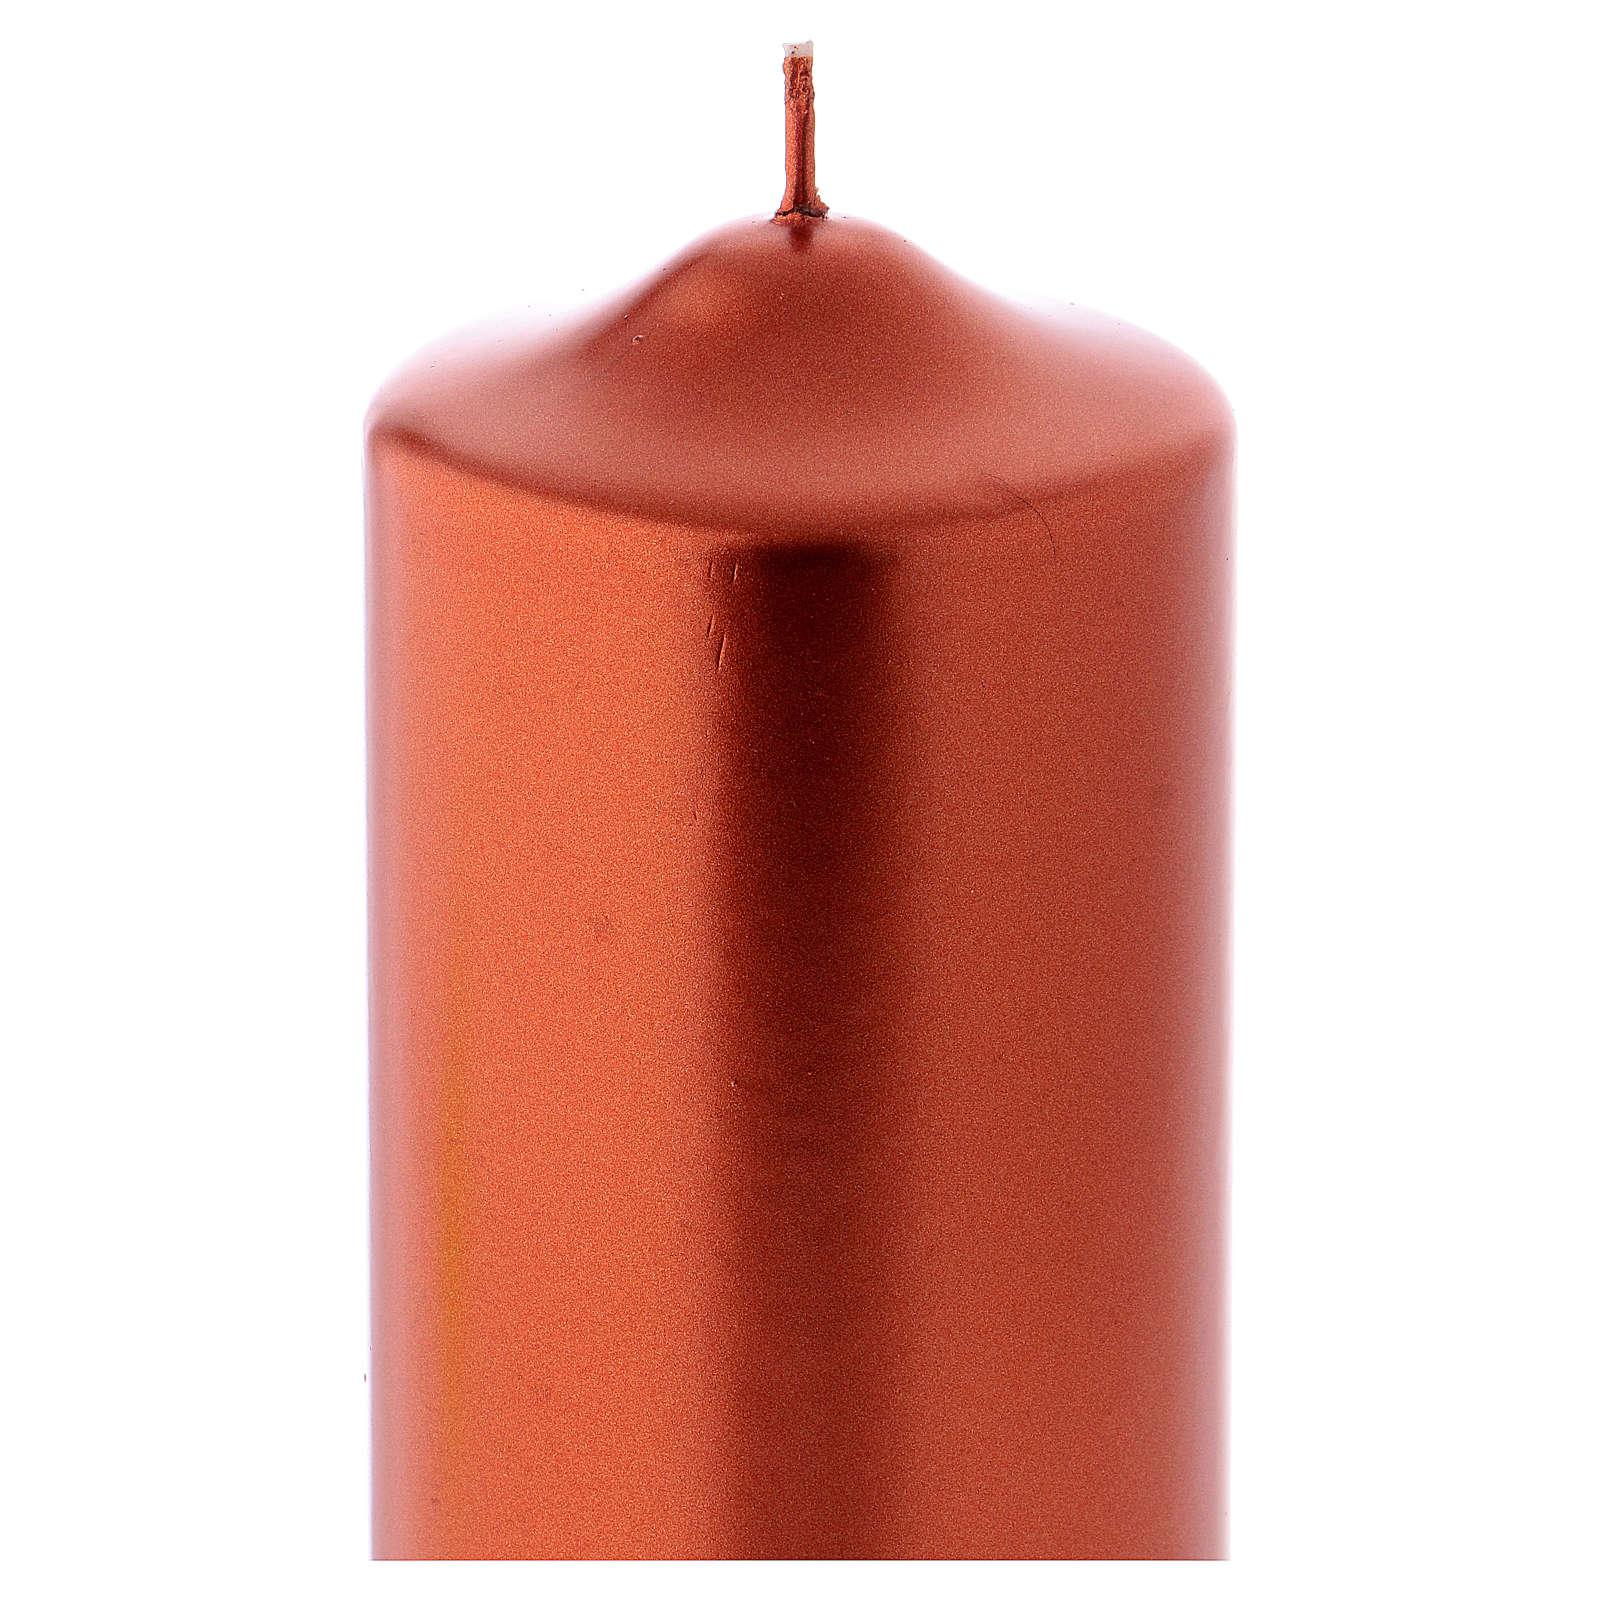 Bougie de Noël couleur métallique cuivre Ceralacca 15x8 cm 3